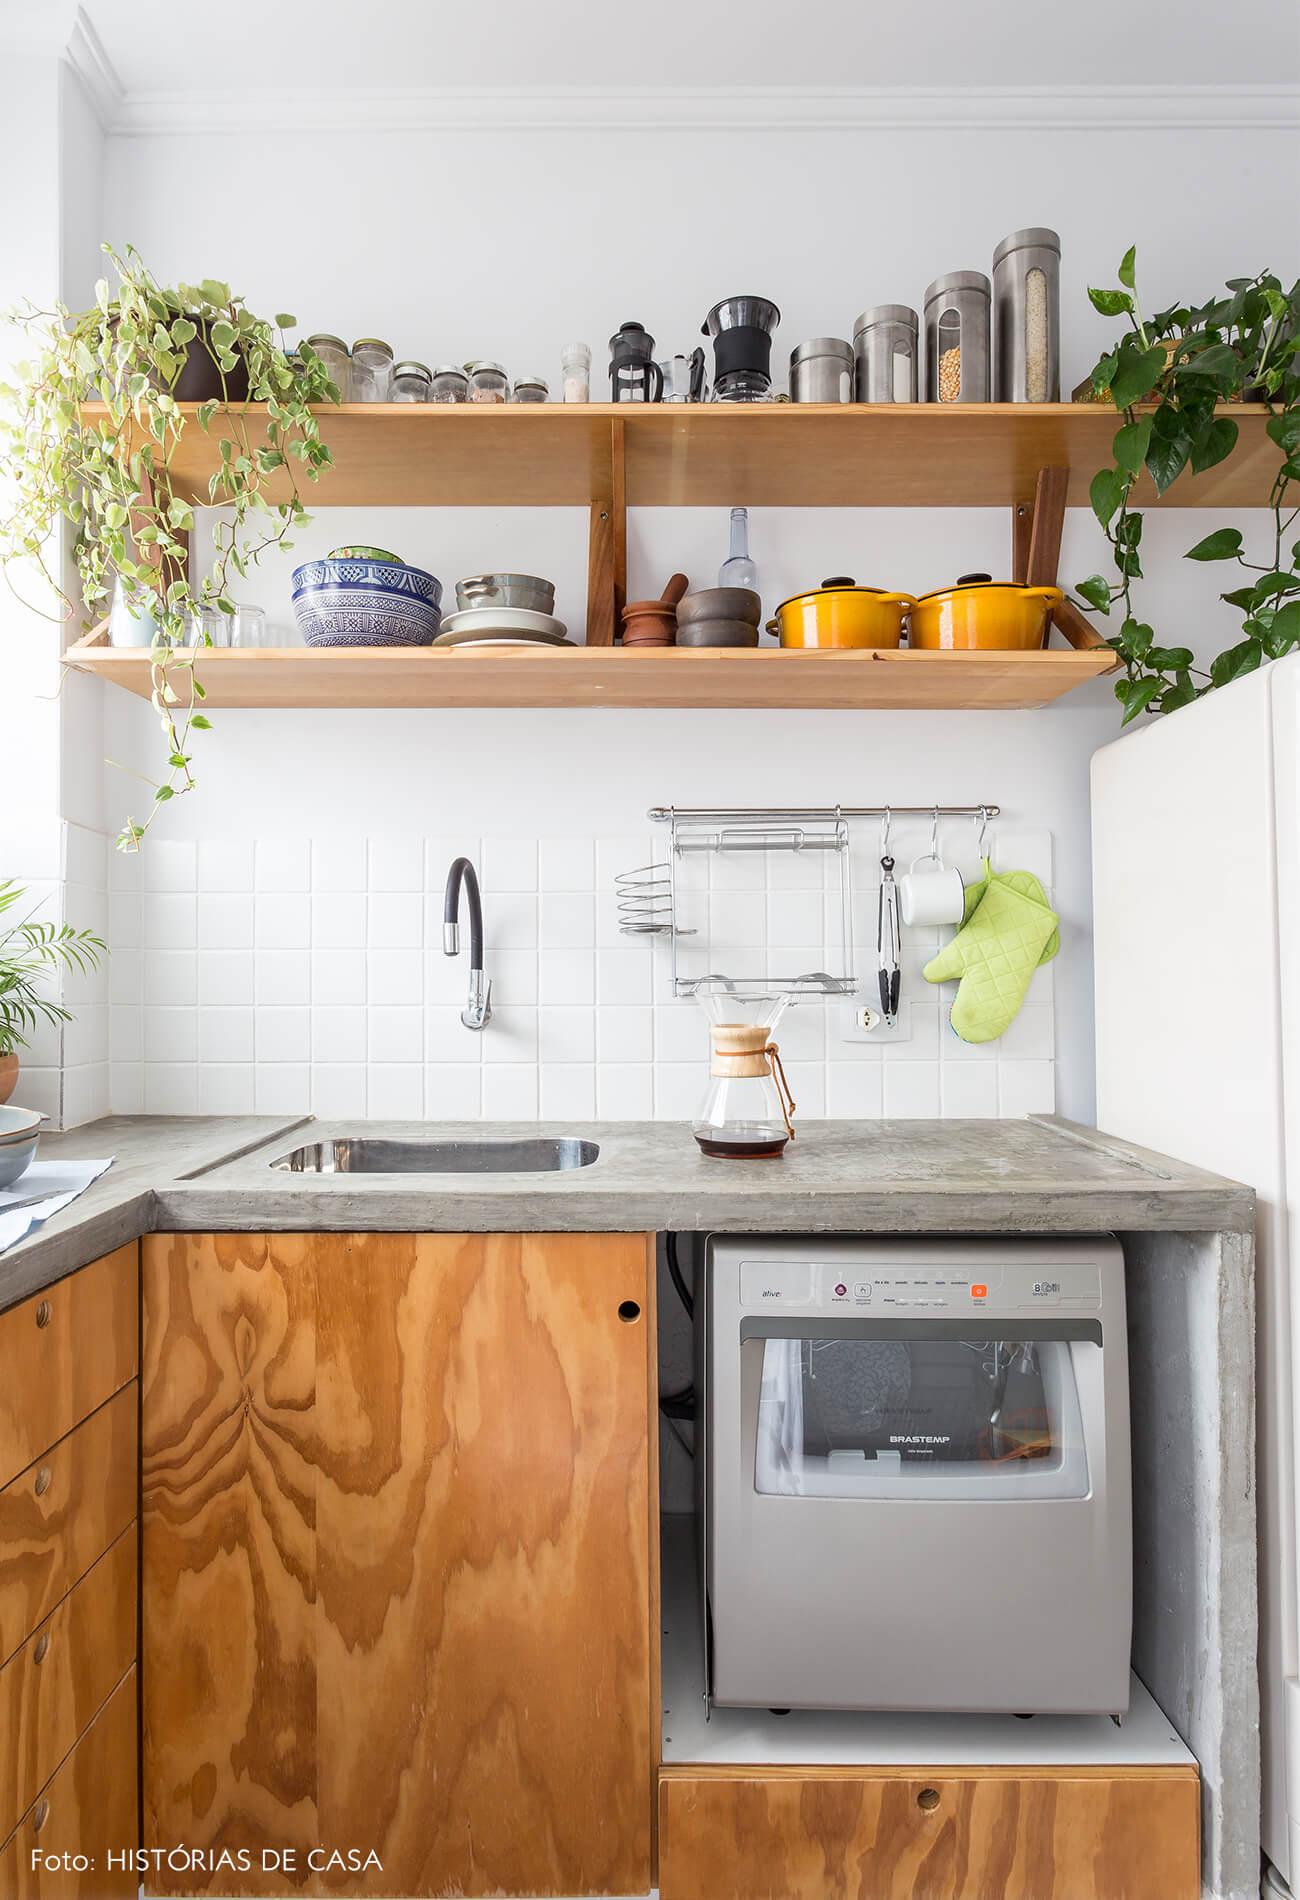 decoração cozinha com armarios e prateleiras de madeira, com plantas